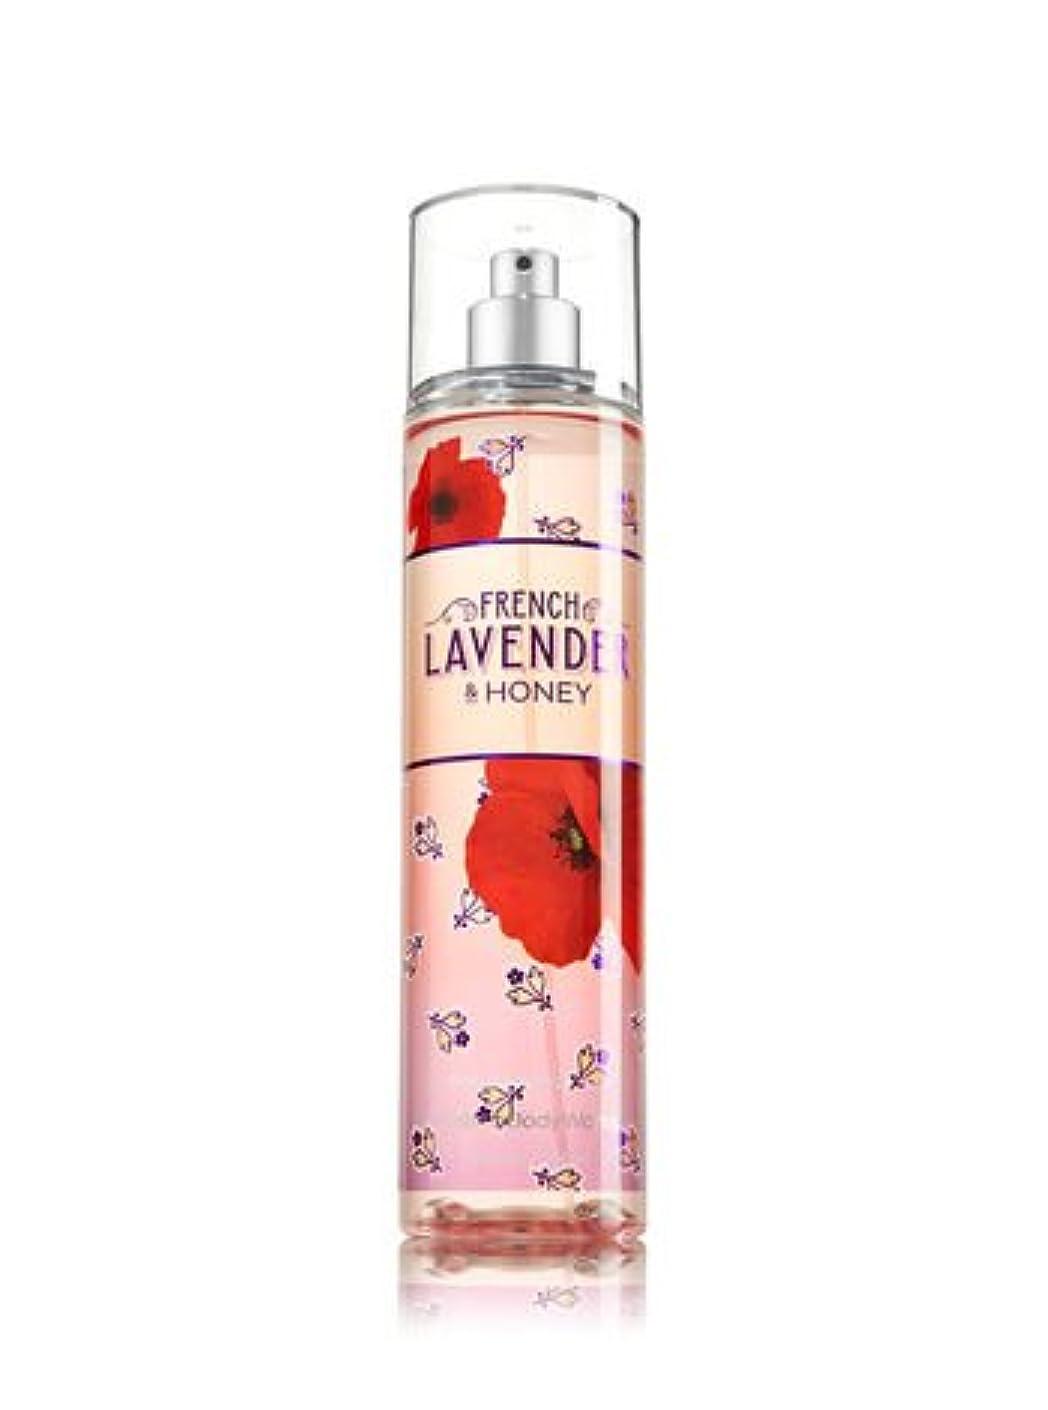 敵意木エリート【Bath&Body Works/バス&ボディワークス】 ファインフレグランスミスト フレンチラベンダー&ハニー Fine Fragrance Mist French Lavender & Honey 8oz (236ml) [並行輸入品]